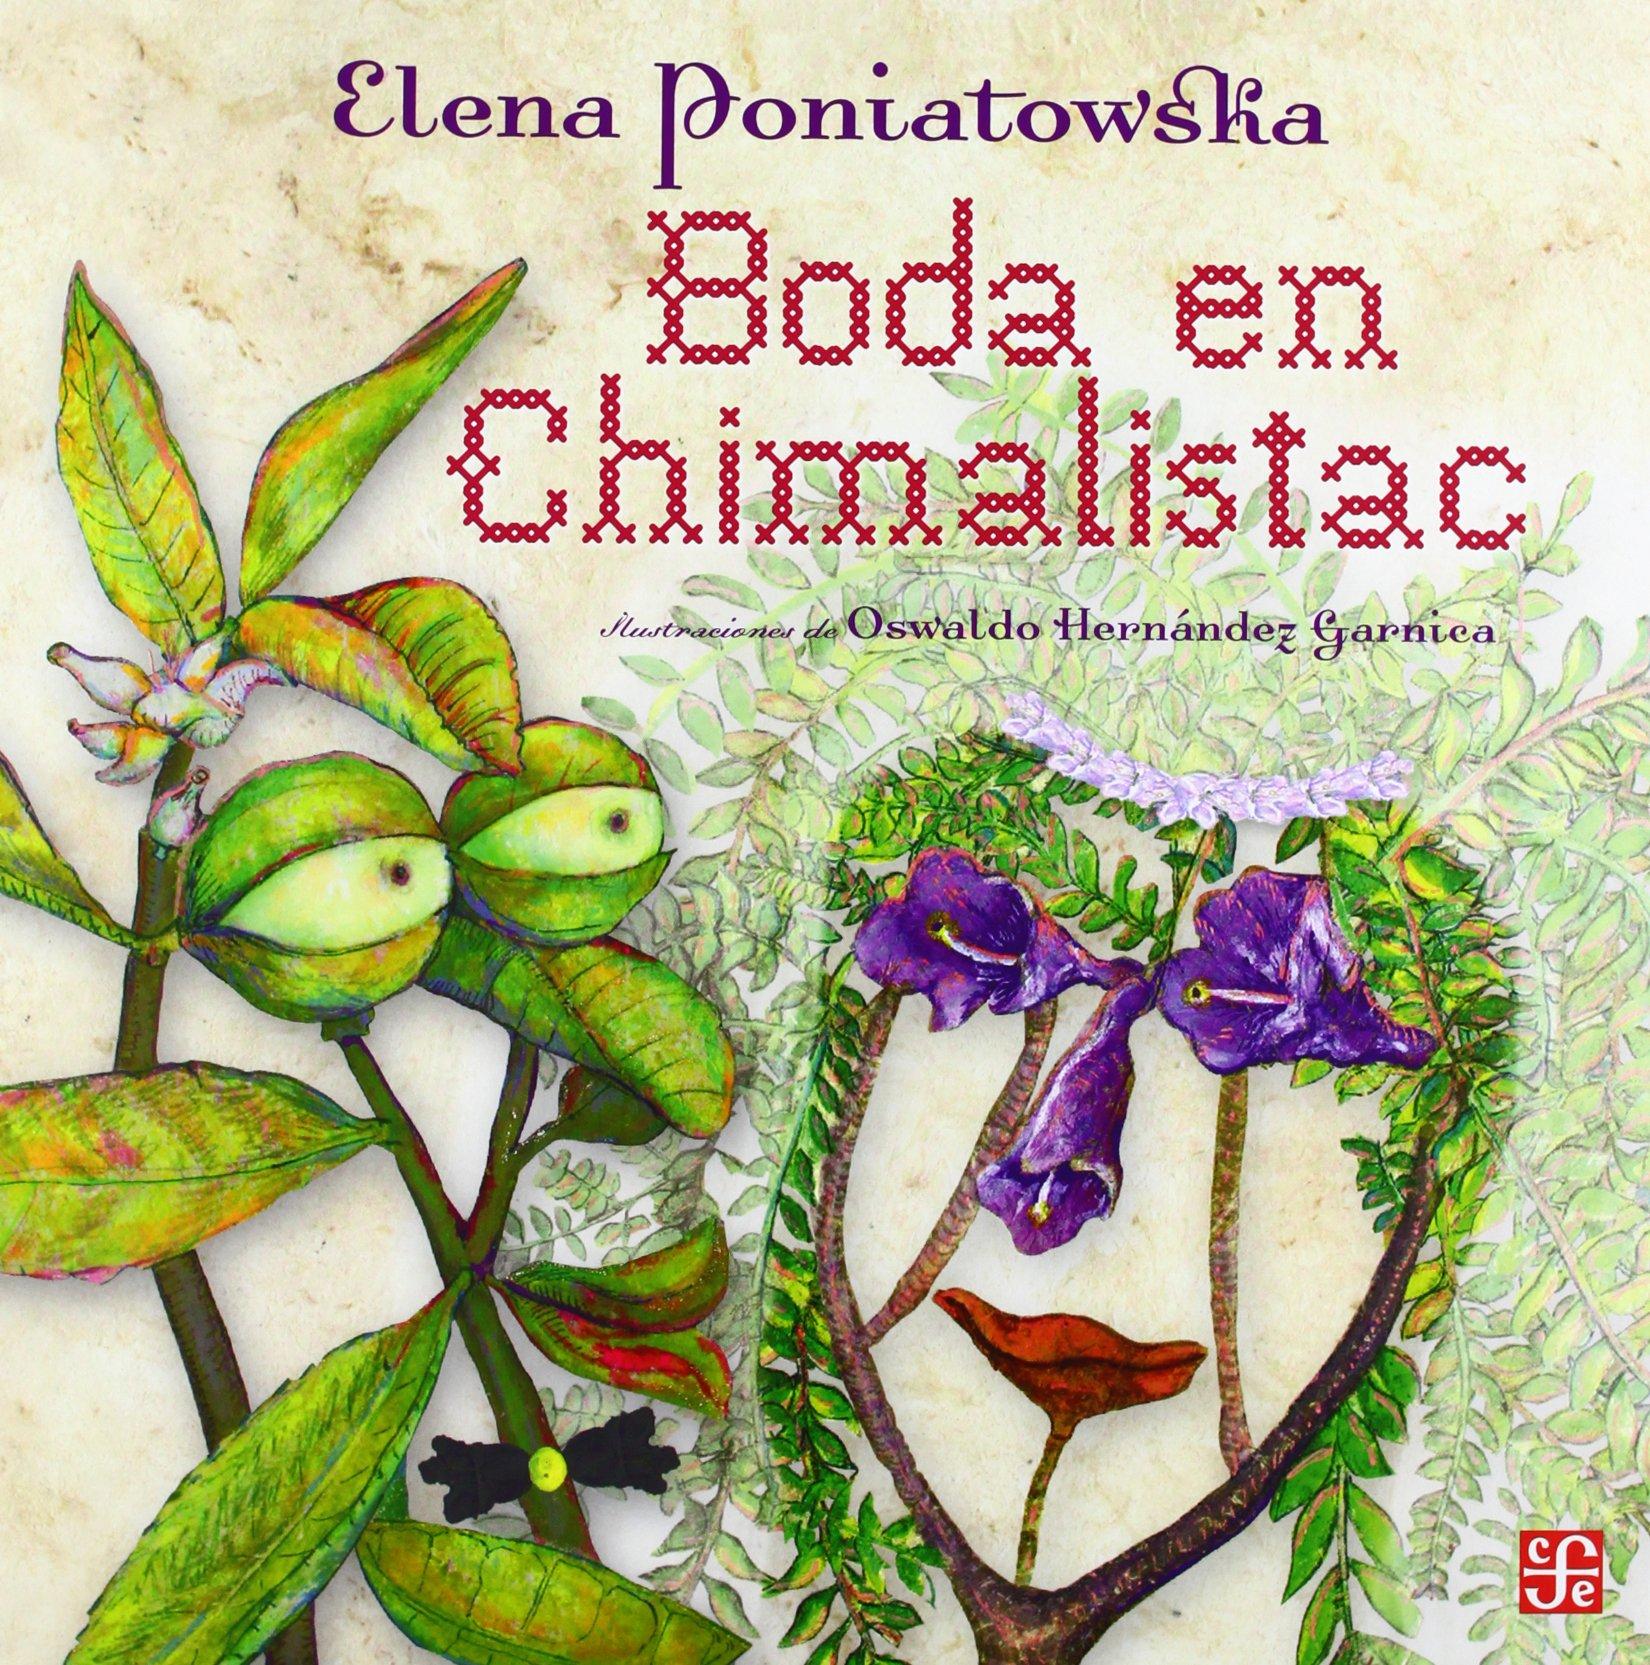 Boda en Chimalistac (Especiales de a la Orilla del Viento) (Spanish Edition) pdf